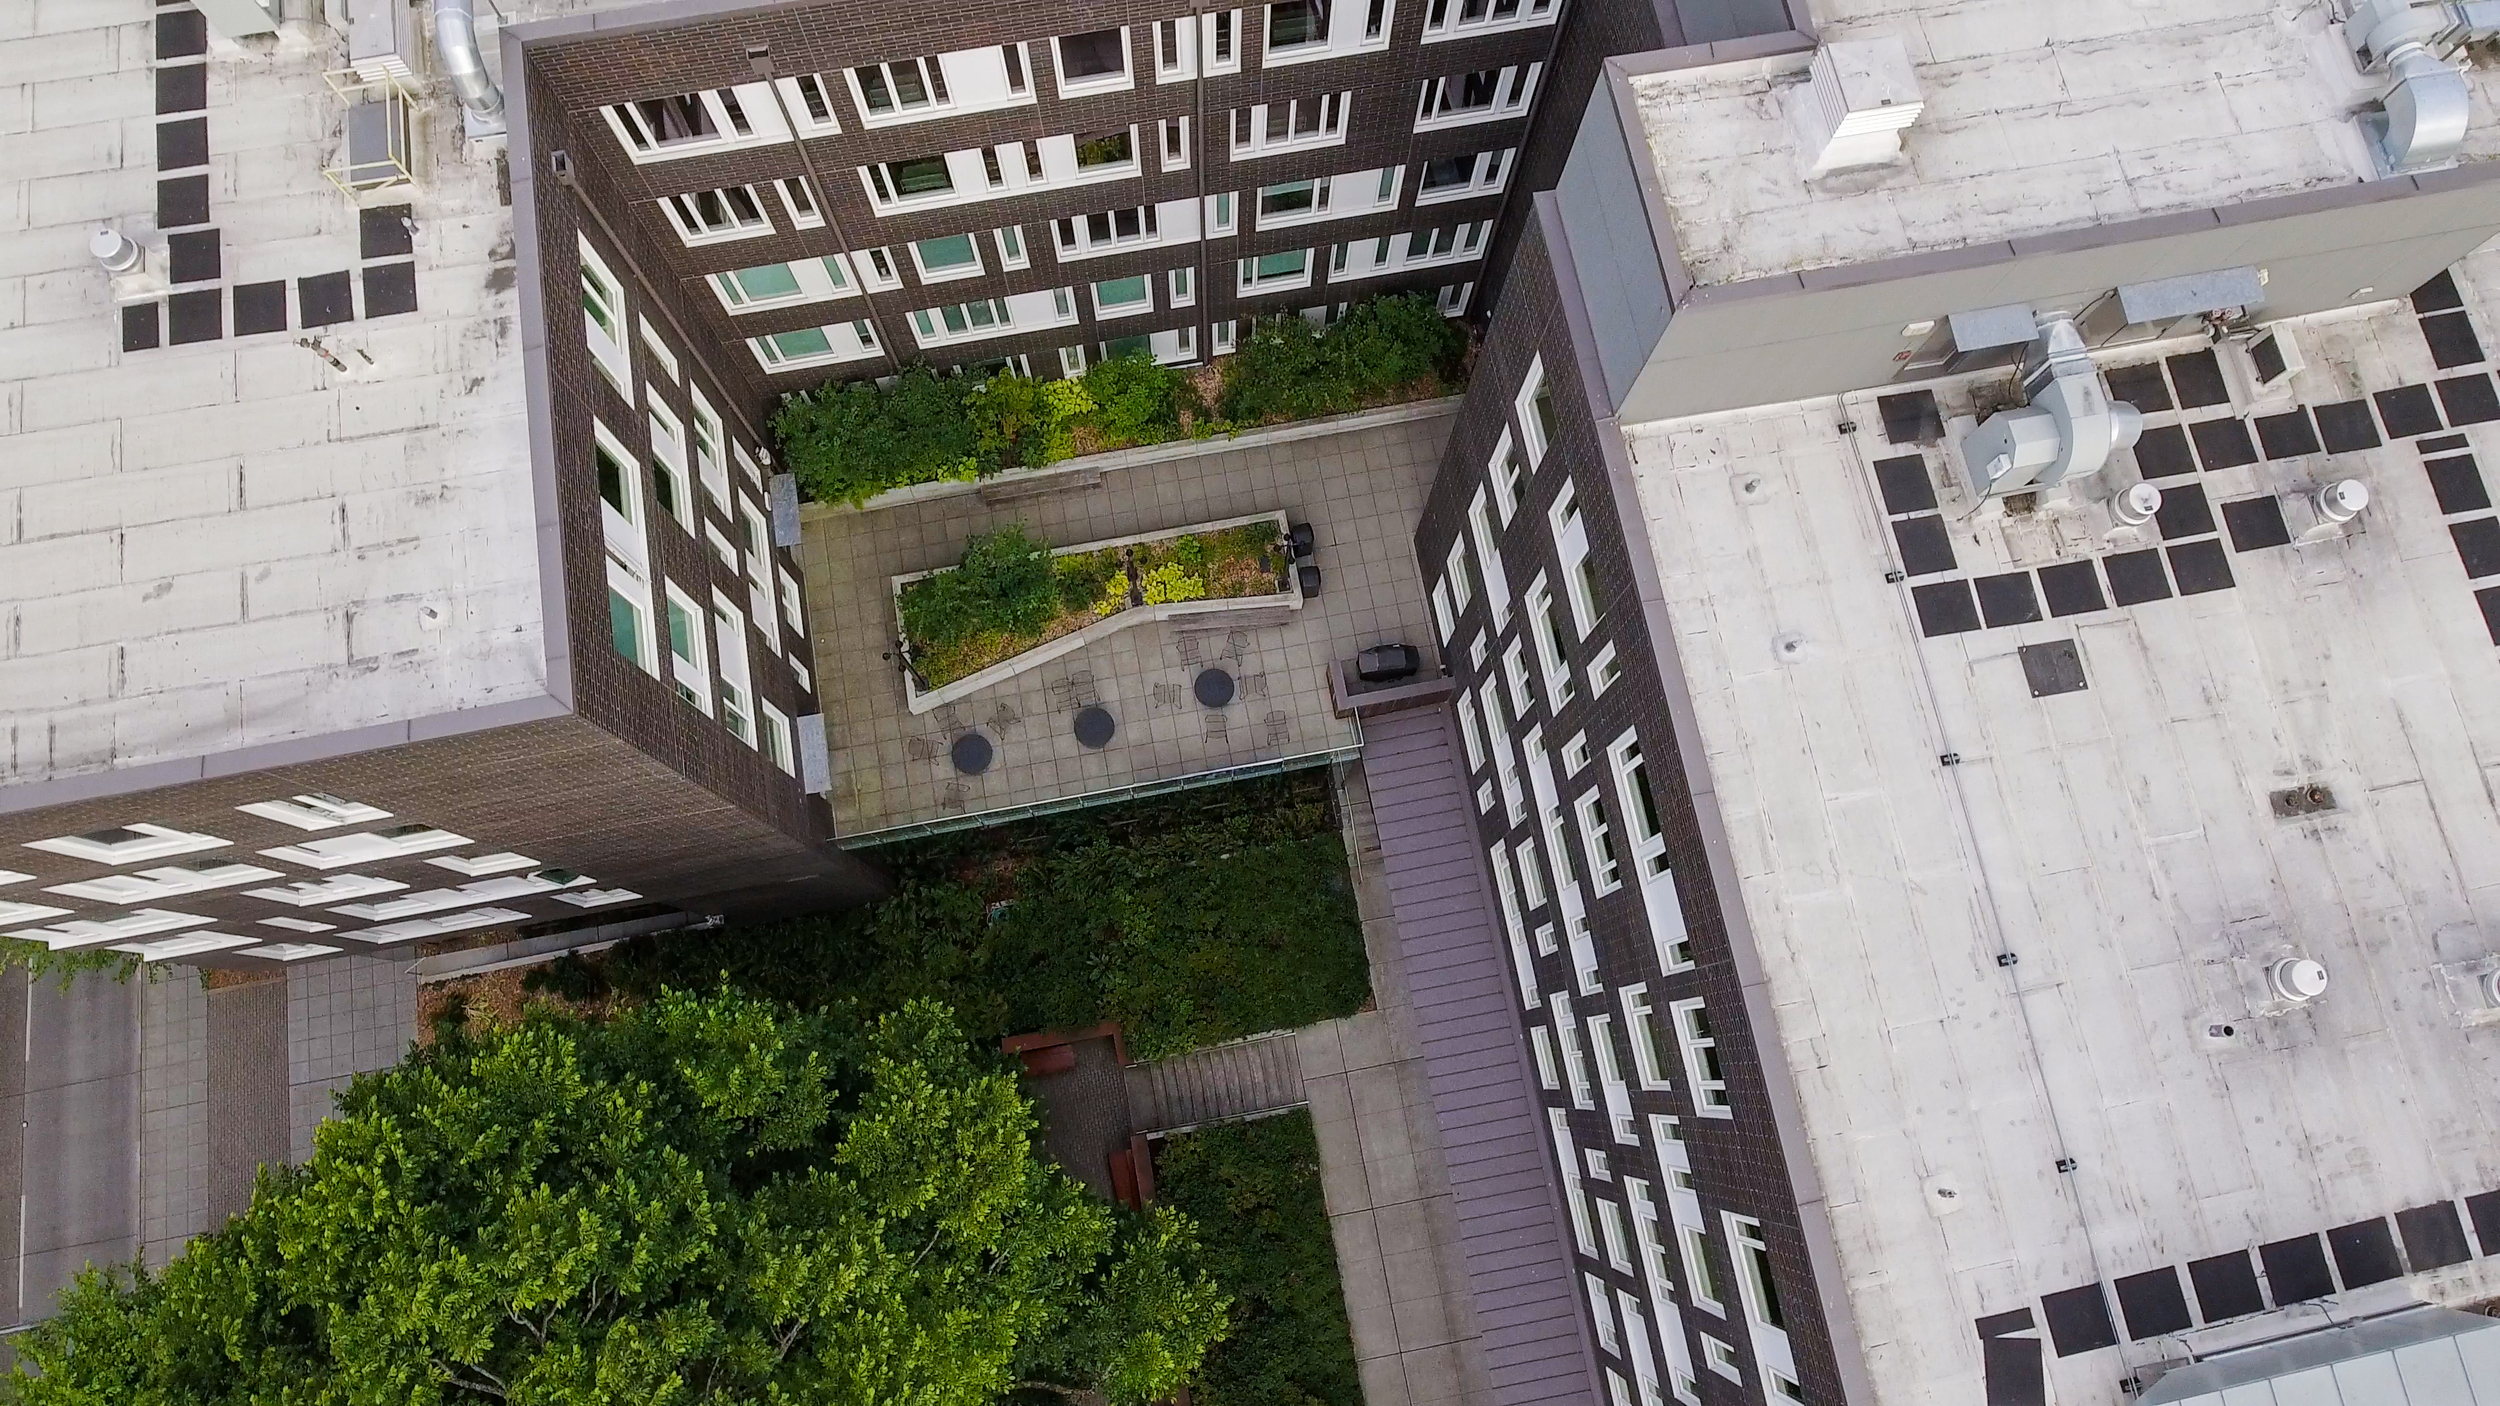 Elm Hall, University of Washington, Seattle